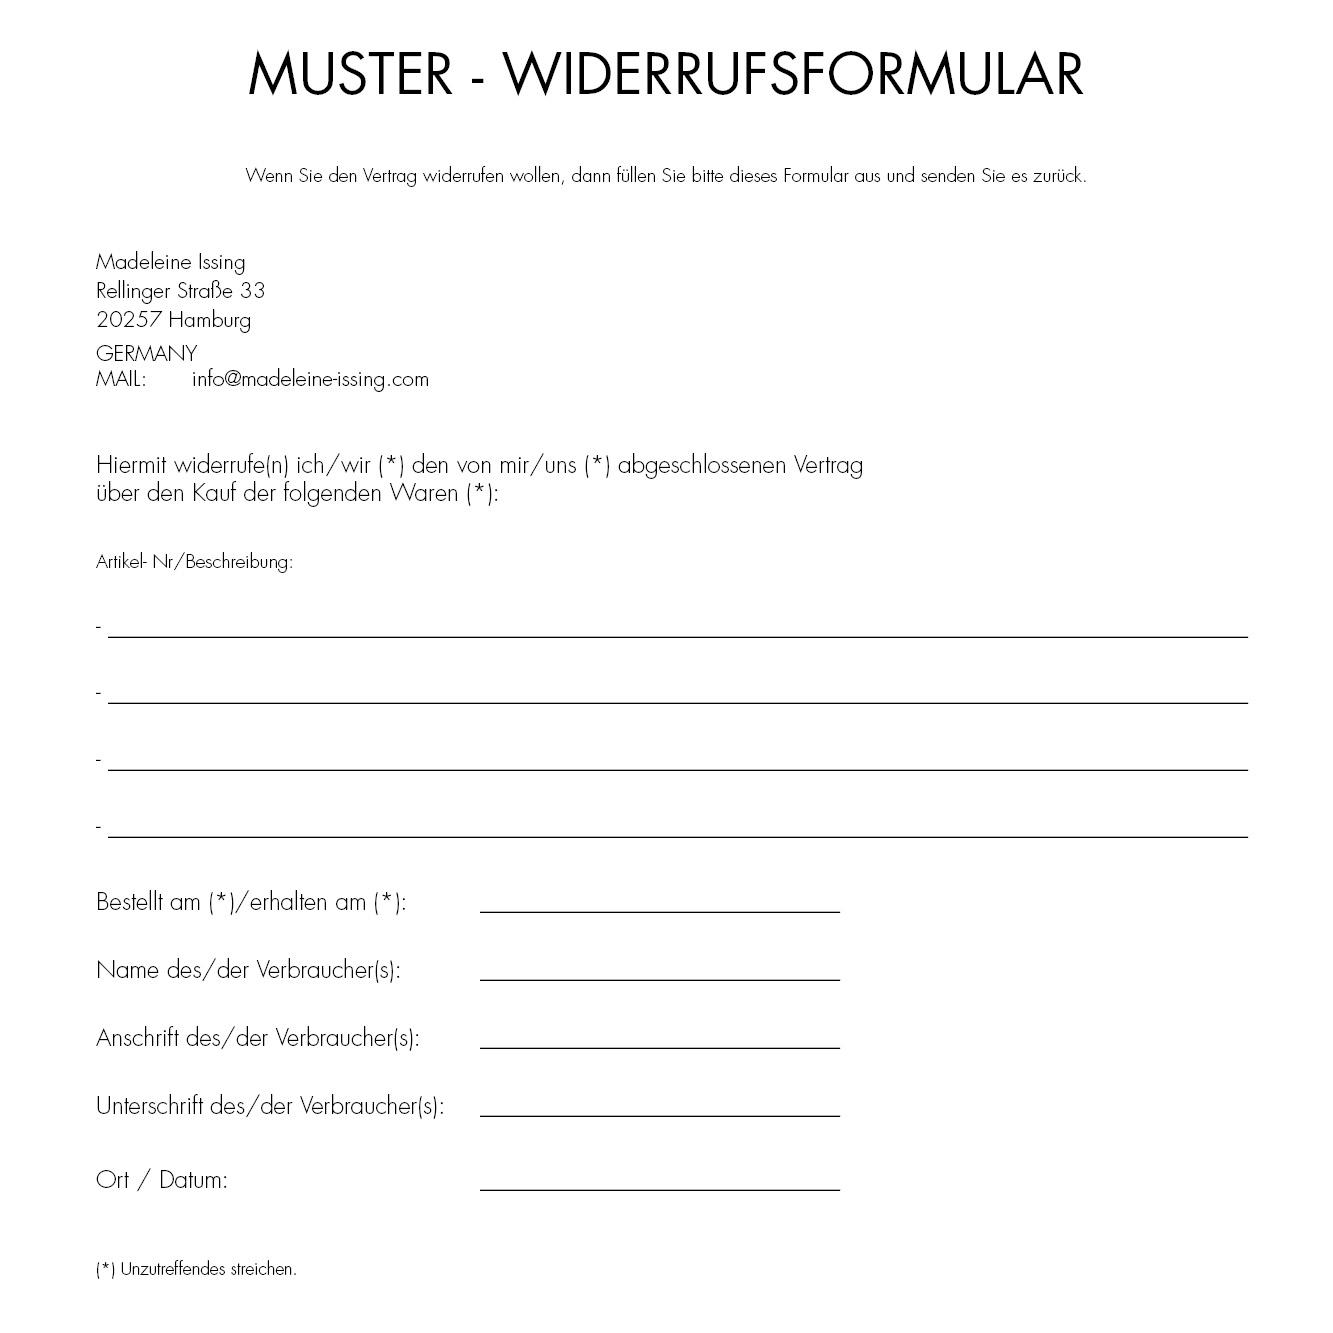 Widerrufsrecht Und Muster Widerrufsformular